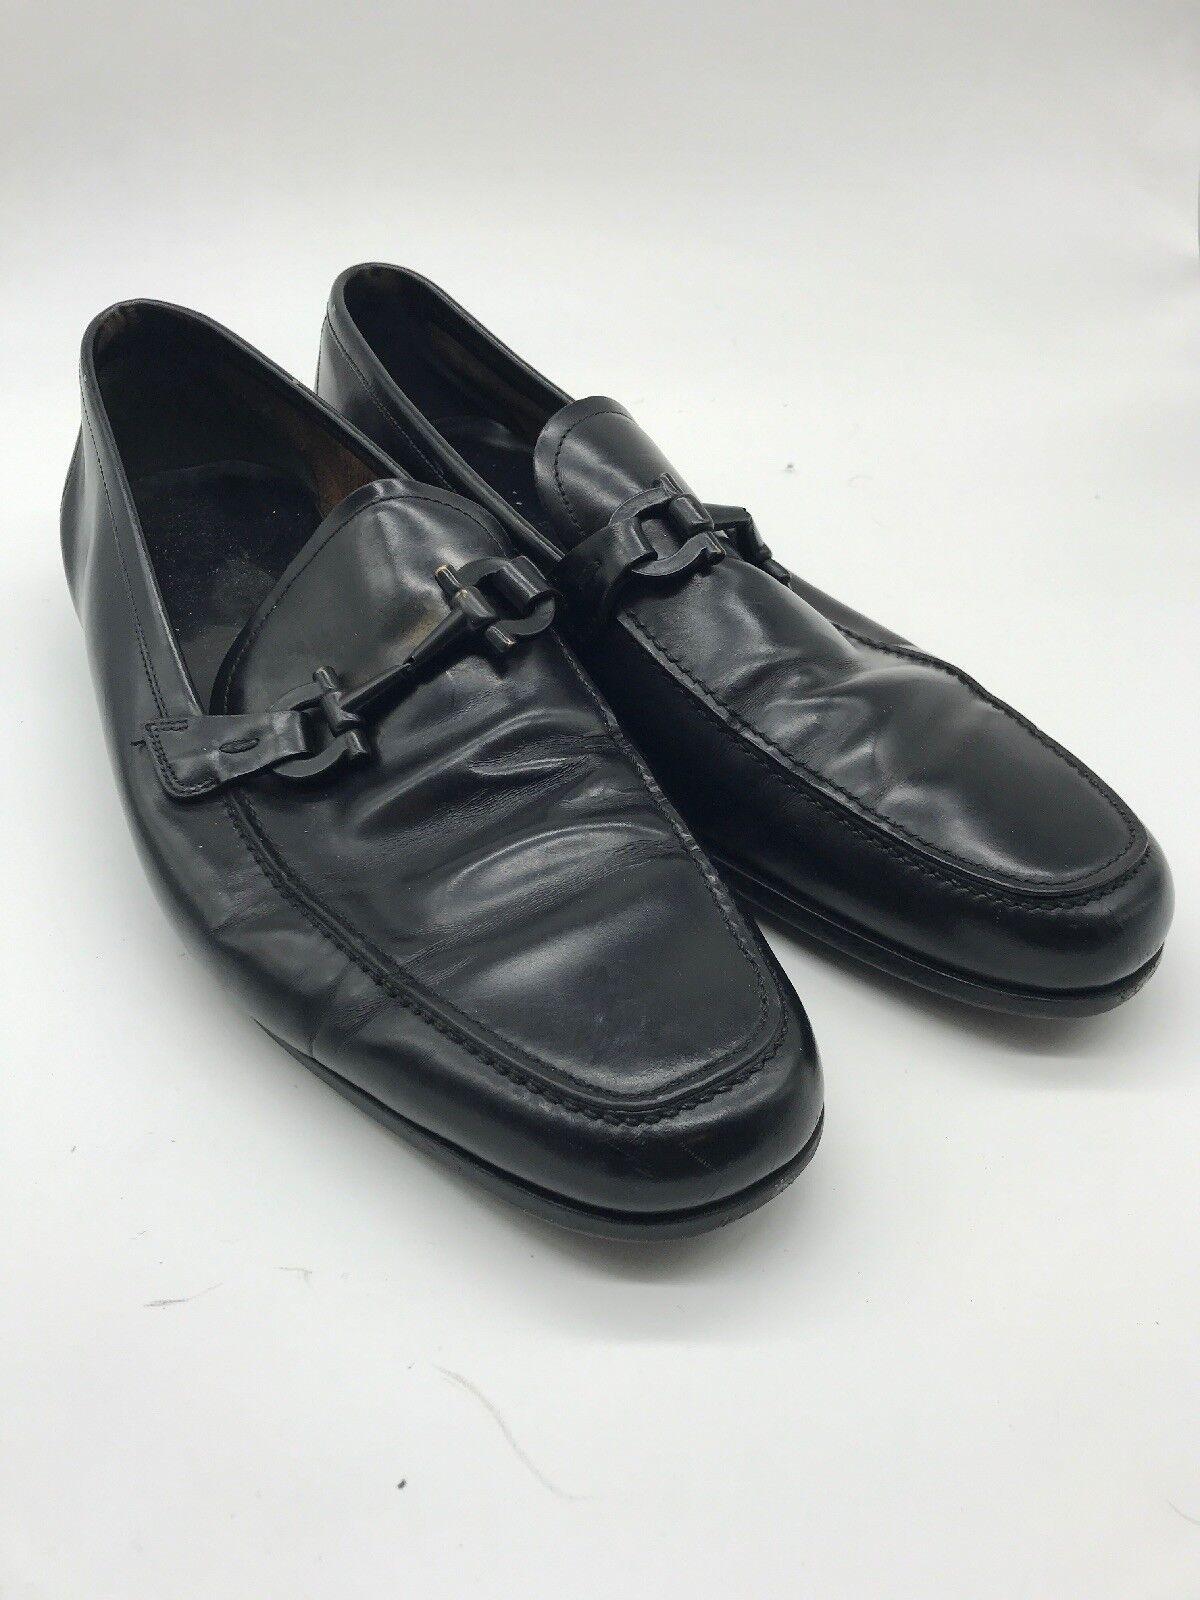 SALVATORE FERRAGAMO Loafers 11 D Men's shoes Casual Black Horse Bit